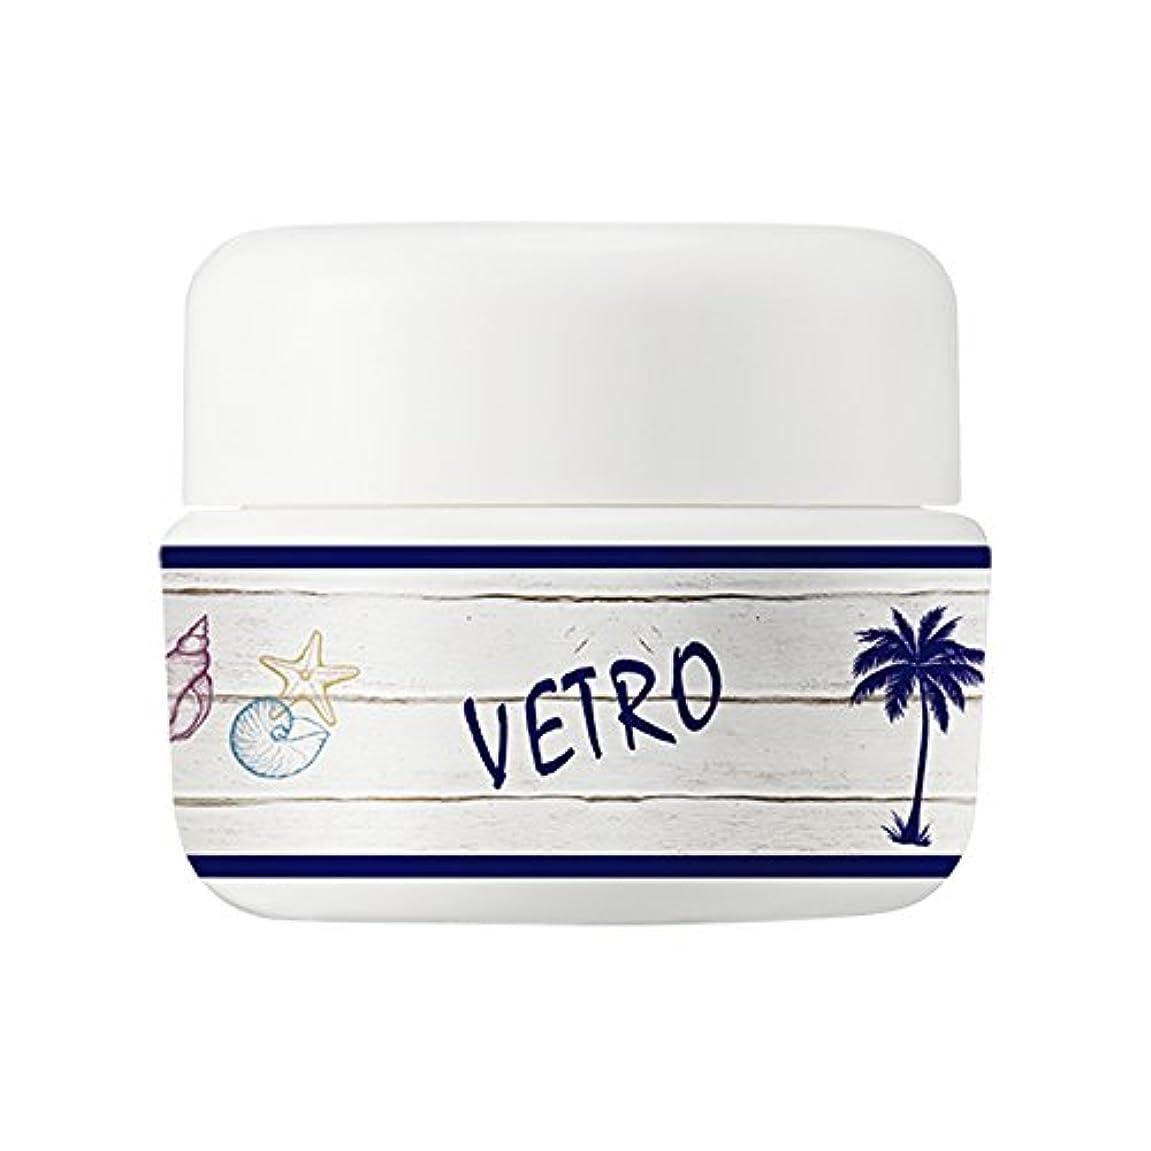 VETRO カラージェル VL366 サンゴストーン 5ml UV/LED対応 ソークオフジェル